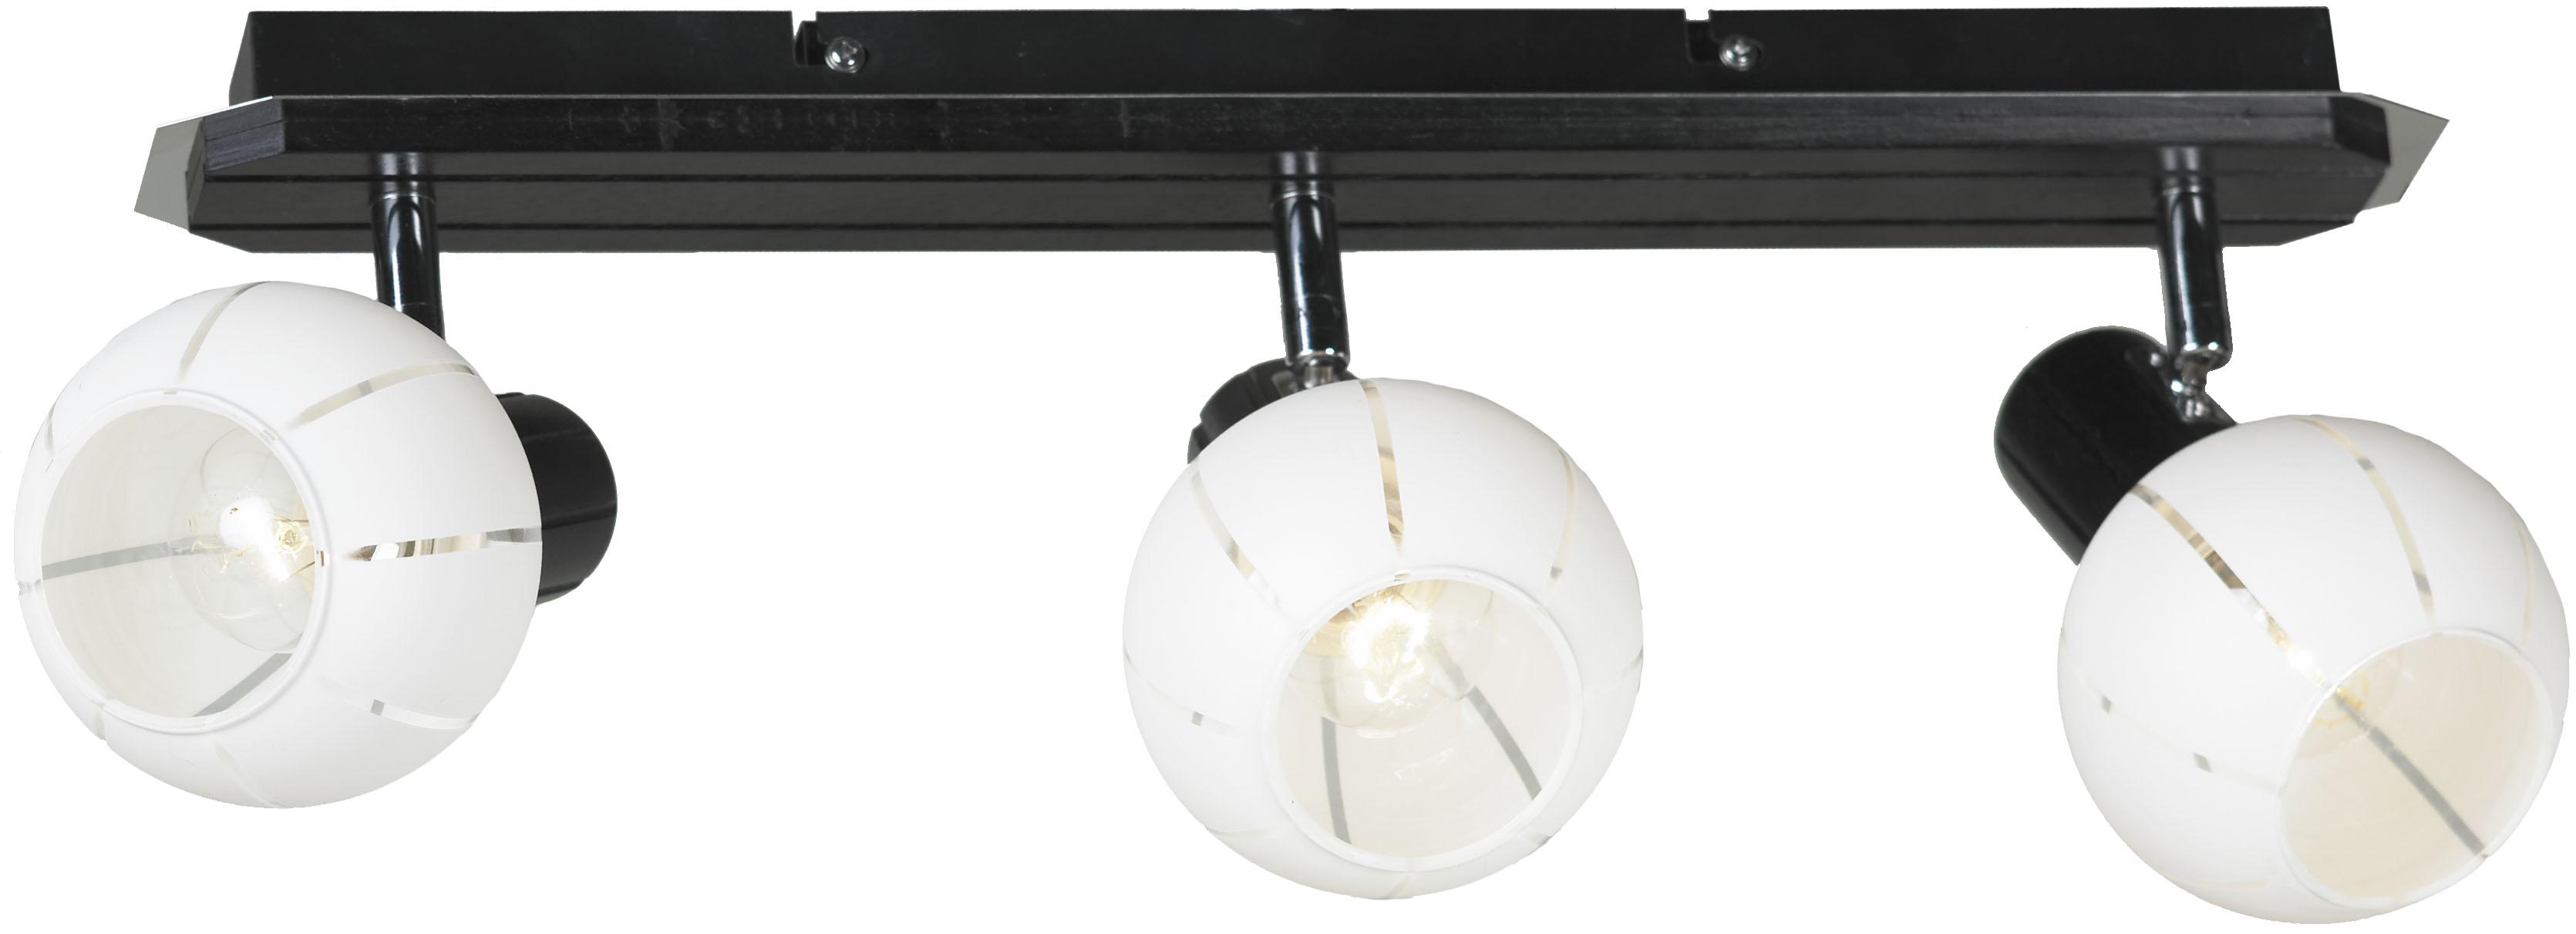 Спот LussoleСпоты<br>Тип: спот,<br>Стиль светильника: модерн,<br>Материал светильника: металл, стекло,<br>Количество ламп: 3,<br>Тип лампы: накаливания,<br>Мощность: 40,<br>Патрон: Е14,<br>Цвет арматуры: хром,<br>Ширина: 130<br>